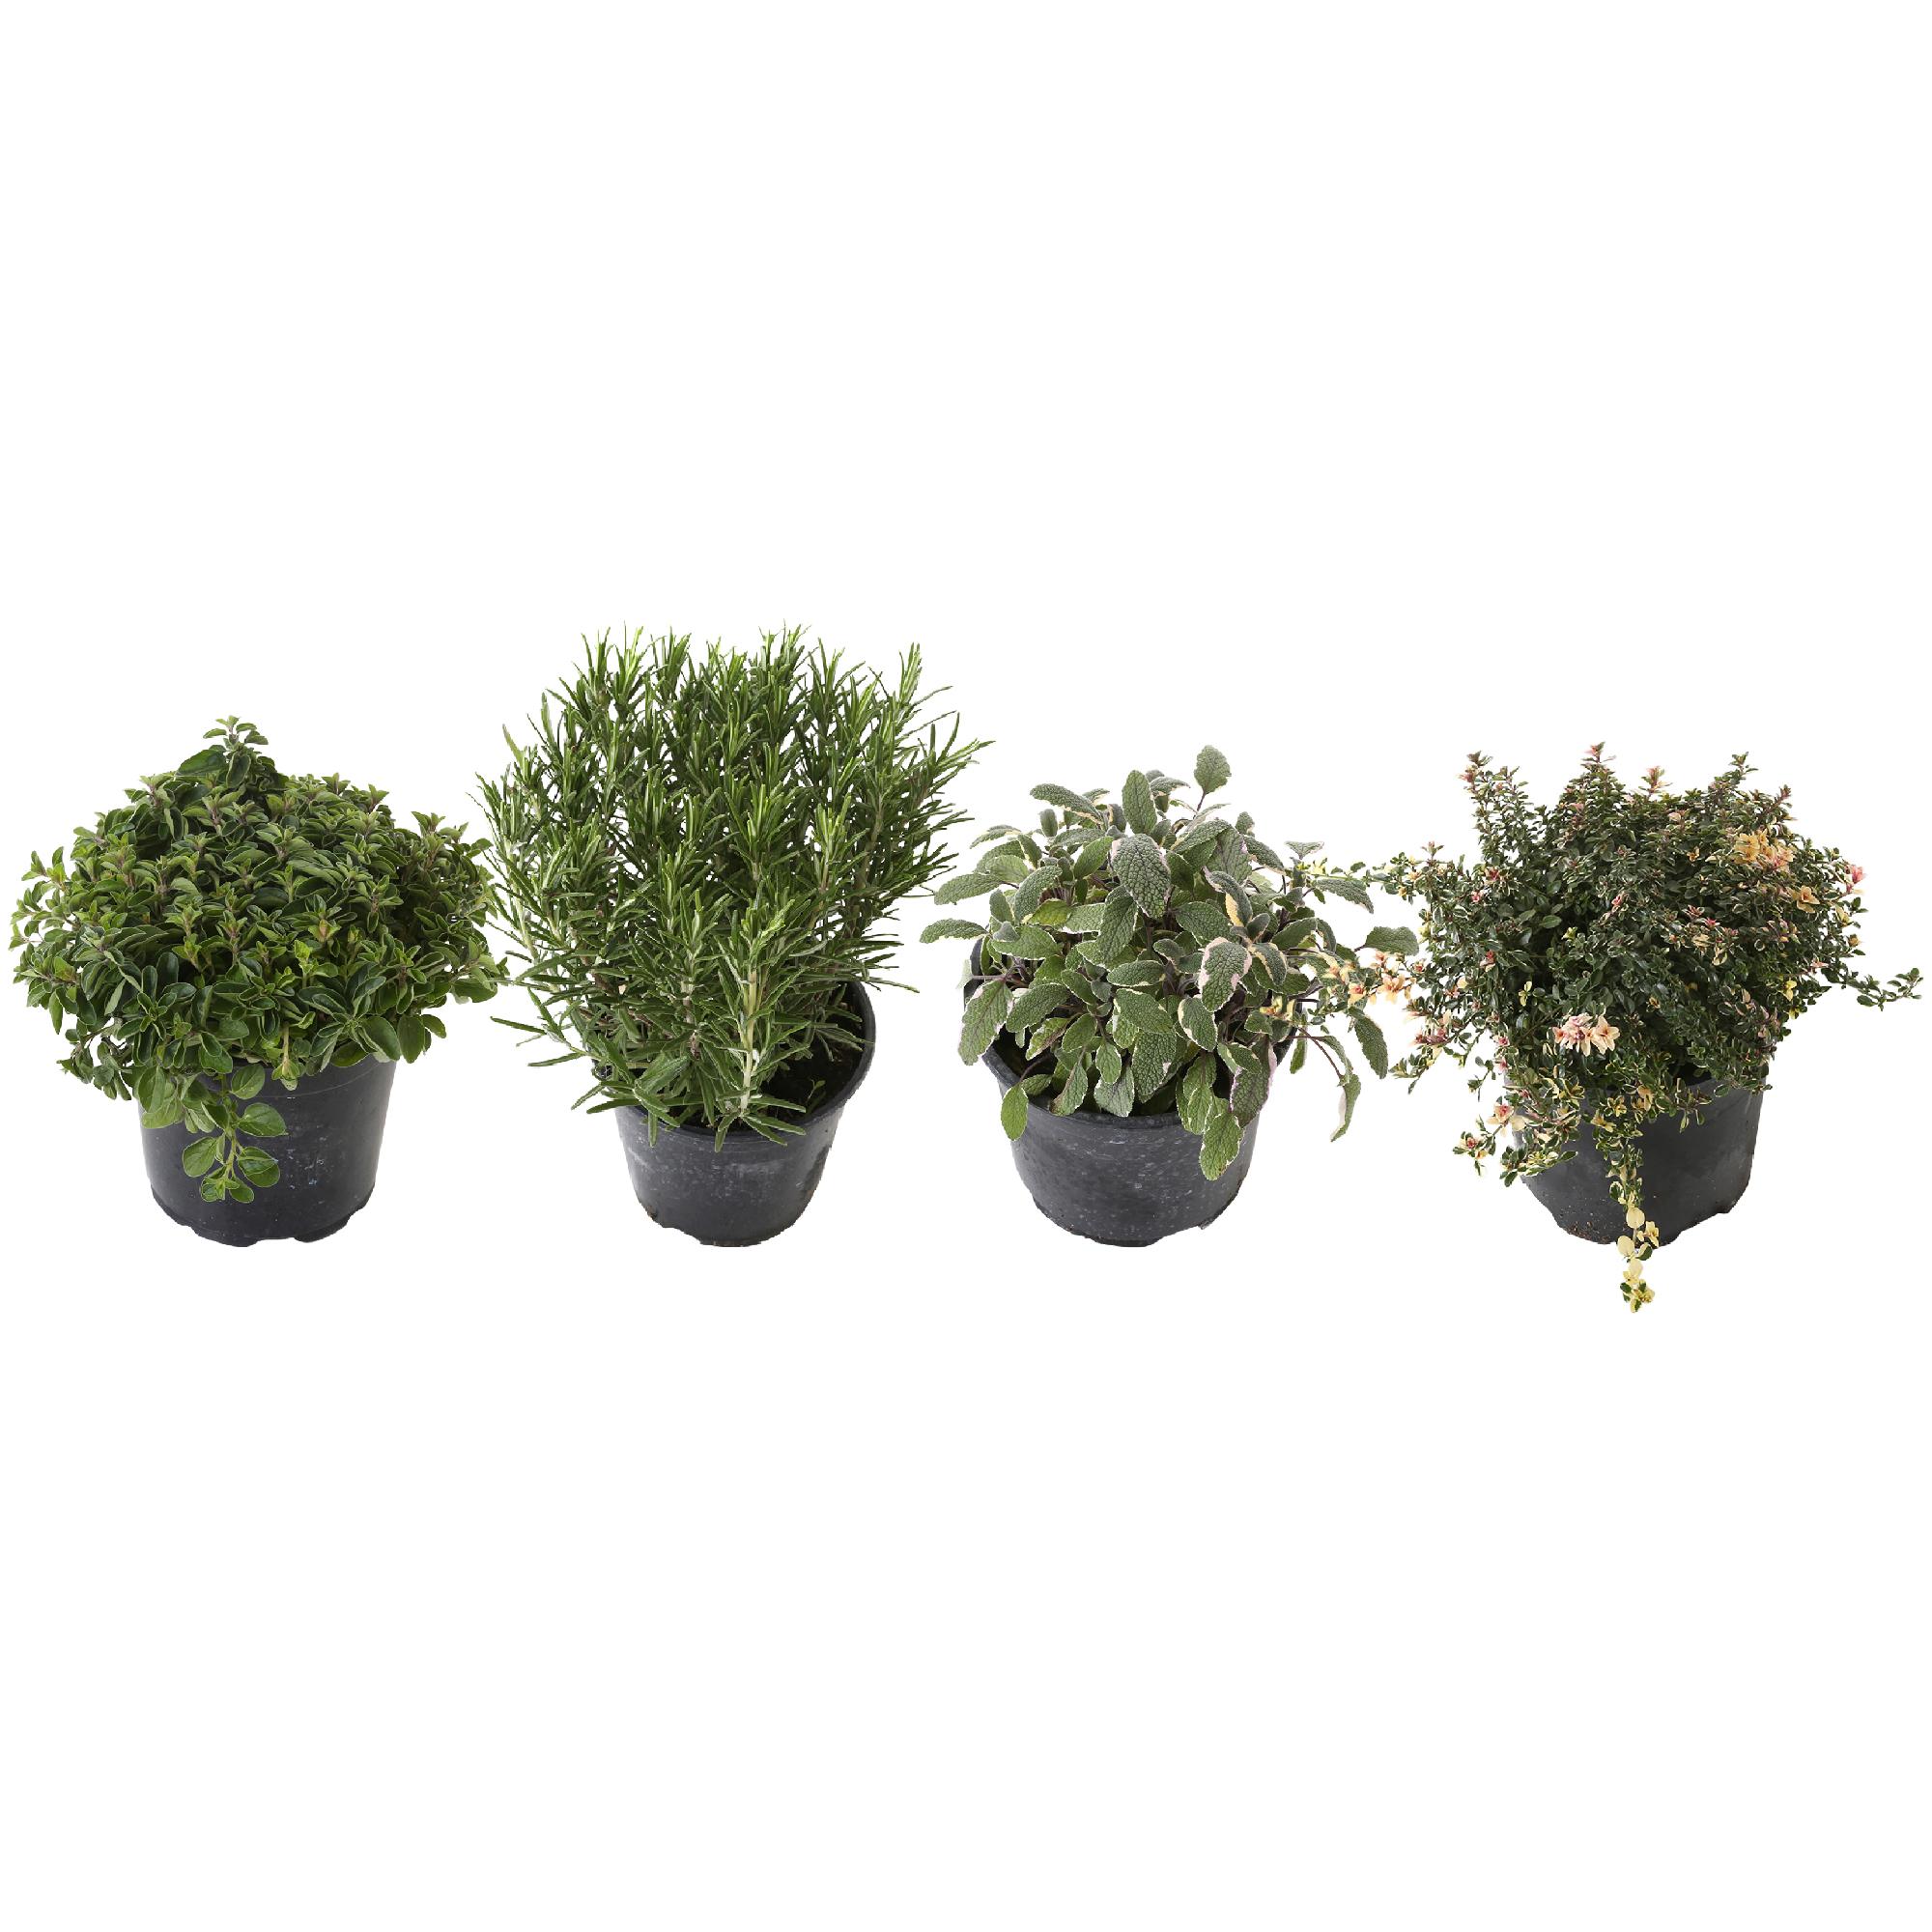 Plant 15 cm: Oregano, Rozemarijn, Salie, Citroen tijm (4 stuks)